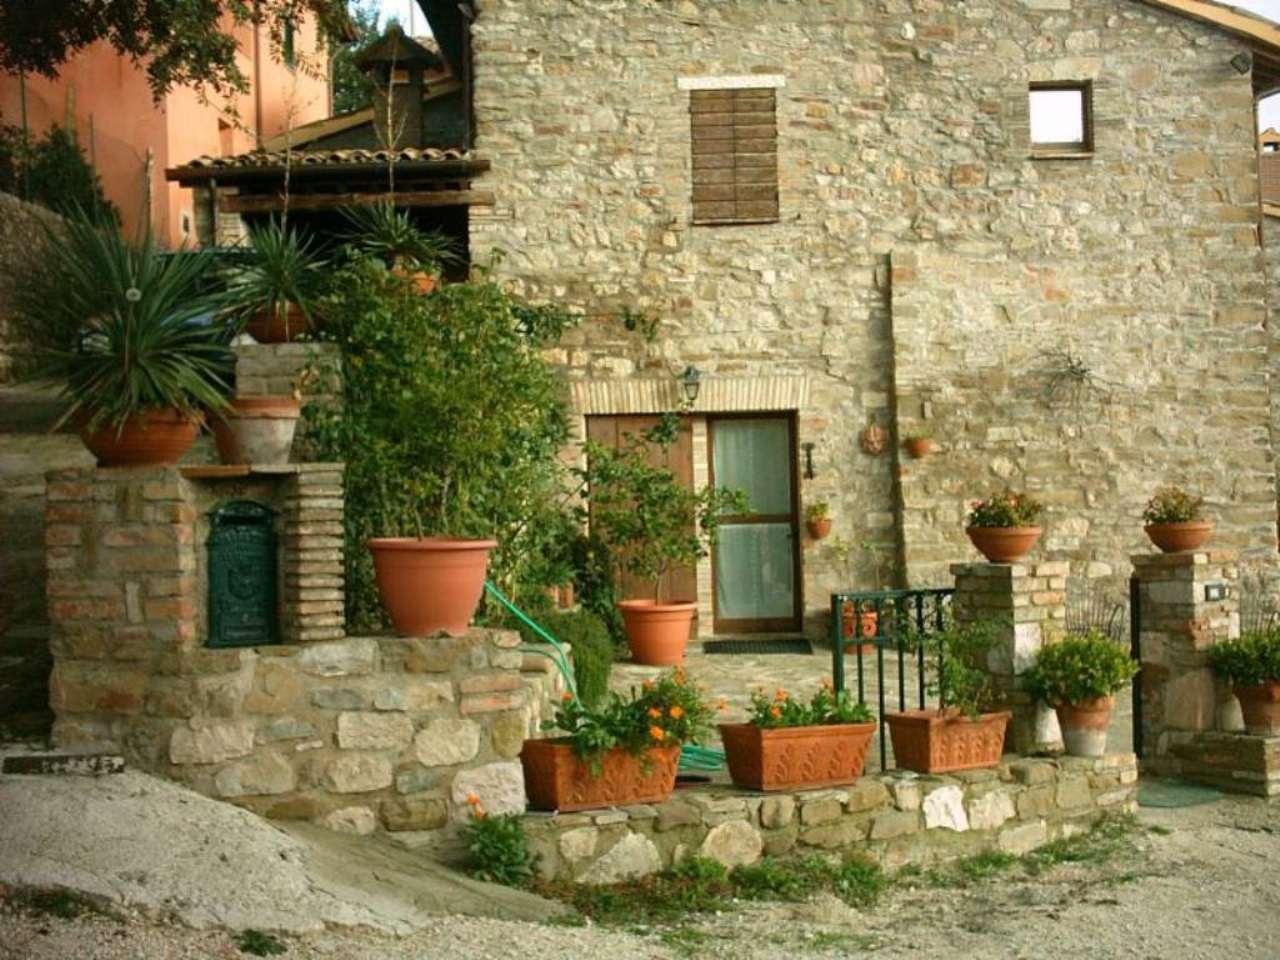 Albergo in vendita a Valtopina, 50 locali, Trattative riservate | Cambio Casa.it